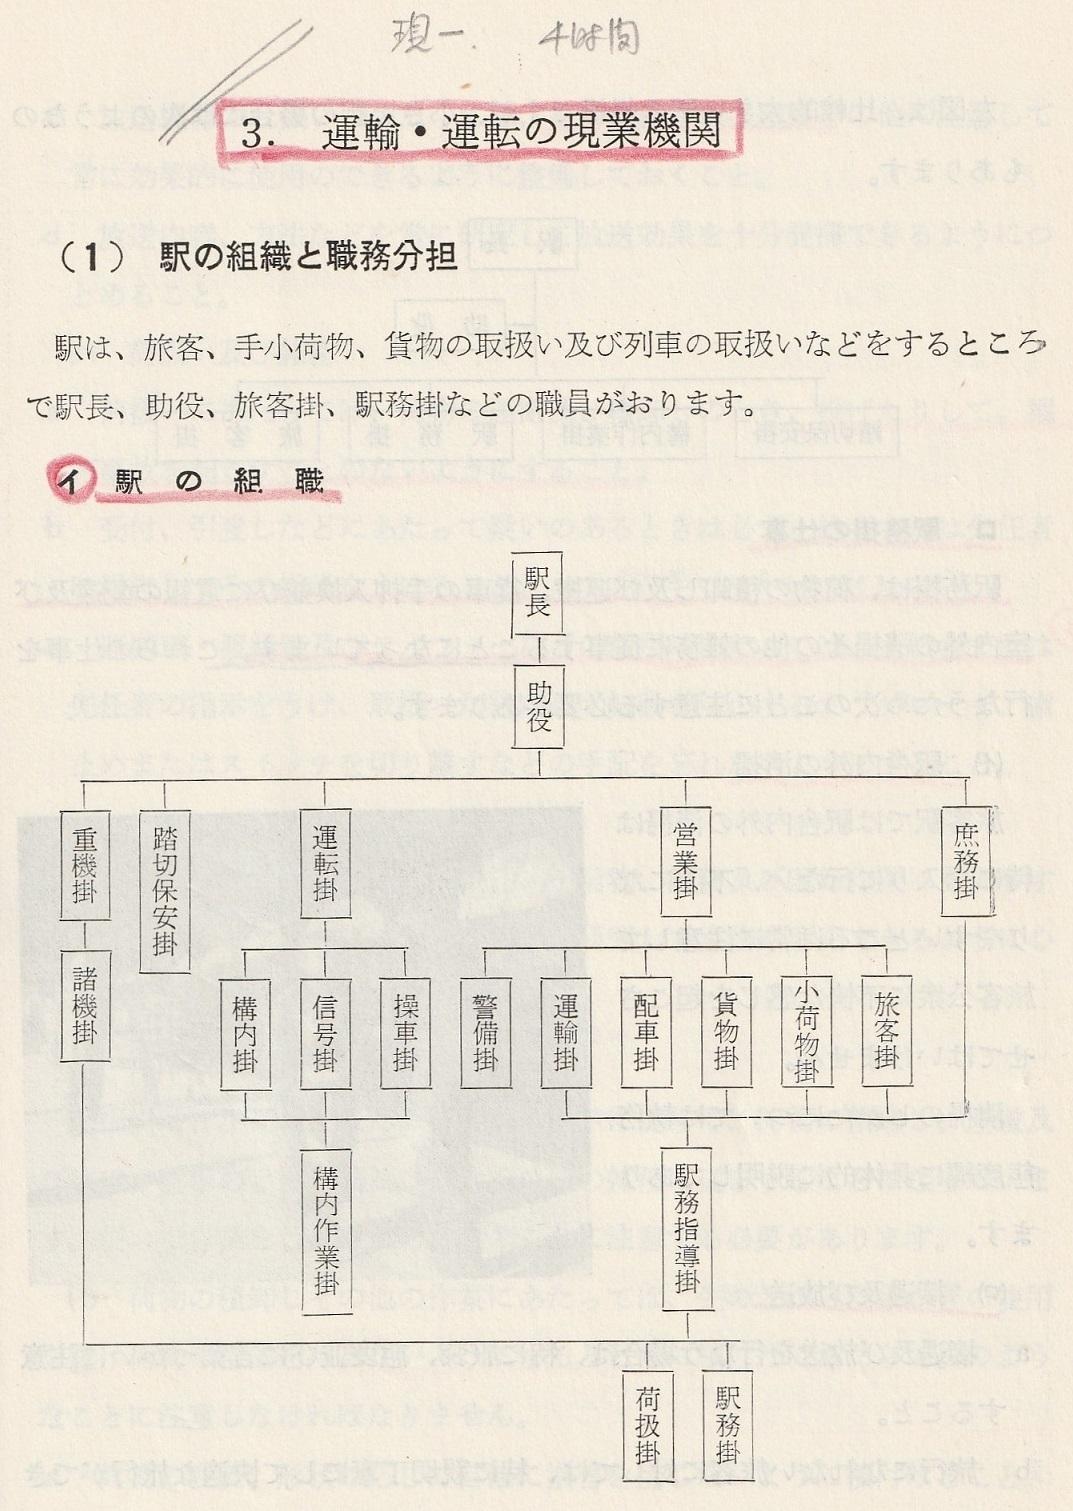 国鉄後期の駅員職制(指揮命令系統・旧)